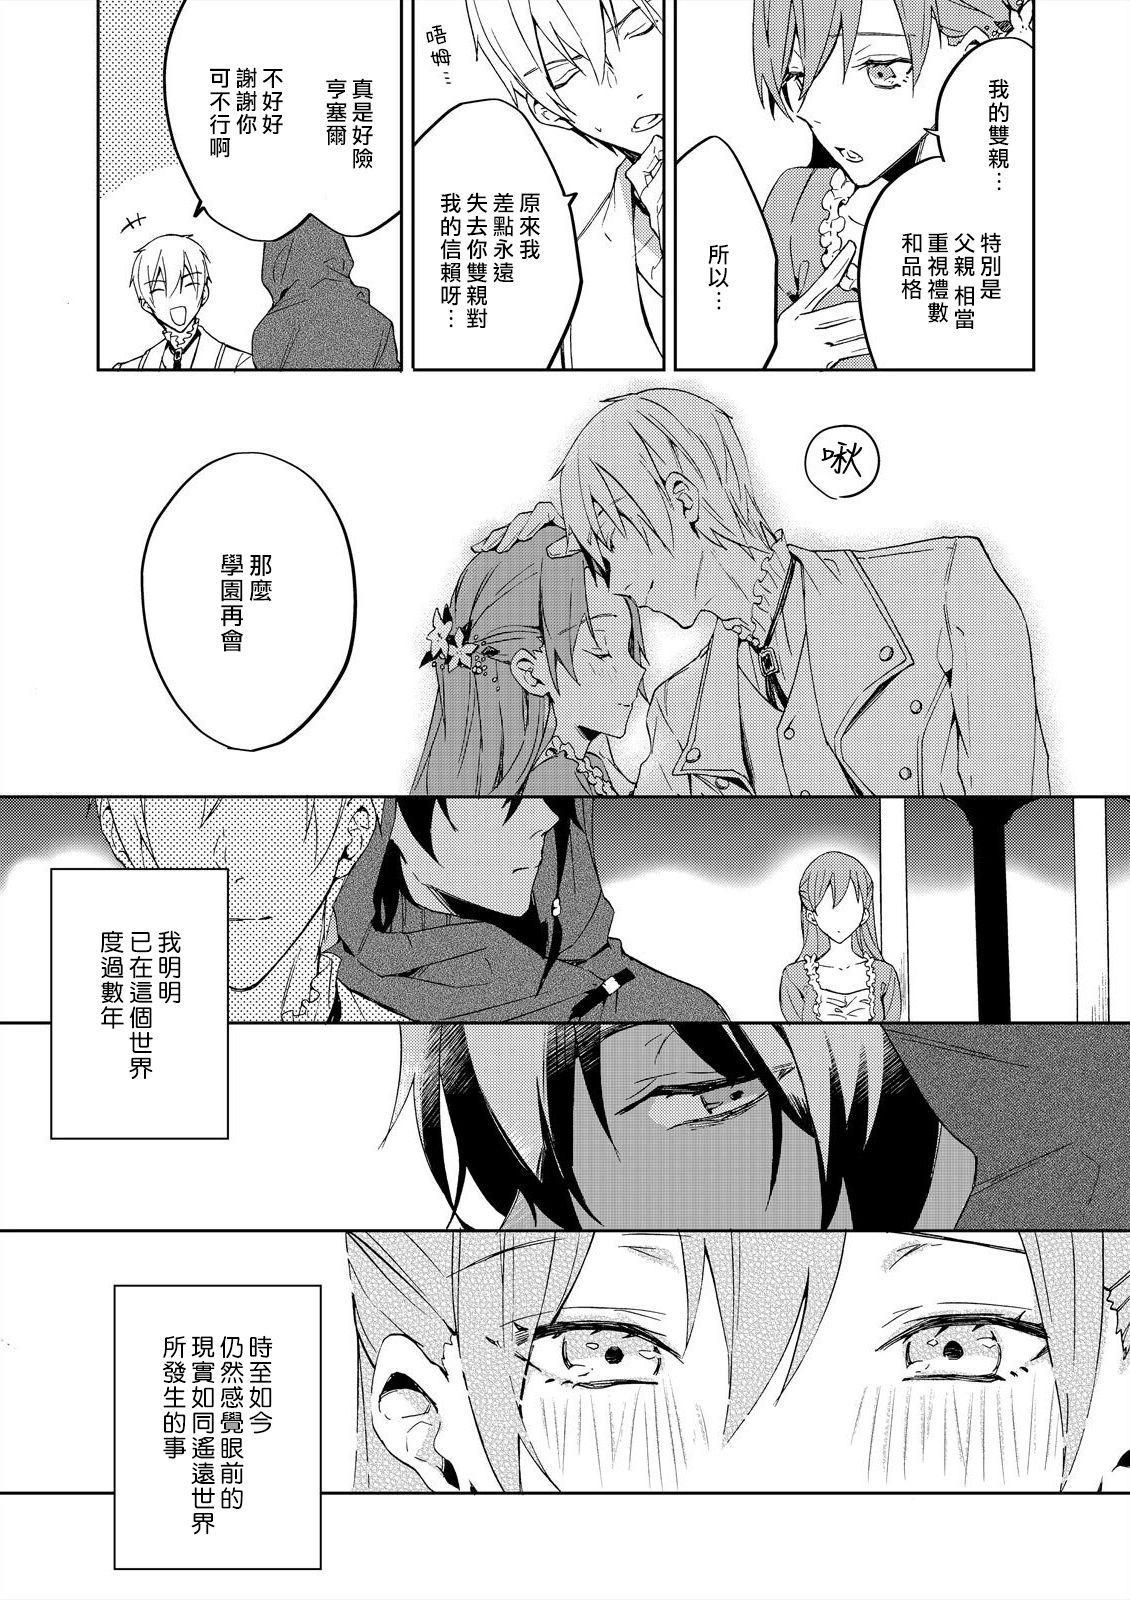 [Yuzushiwo] Akuyaku Reijou wa Ichizu ni Dekiai sarete ~Noumitsu Sex no Aite wa Juuboku~ | 被疯狂溺爱的反派大小姐~浓密性爱对象是仆从~ 1-4 [Chinese] [莉赛特汉化组] 4